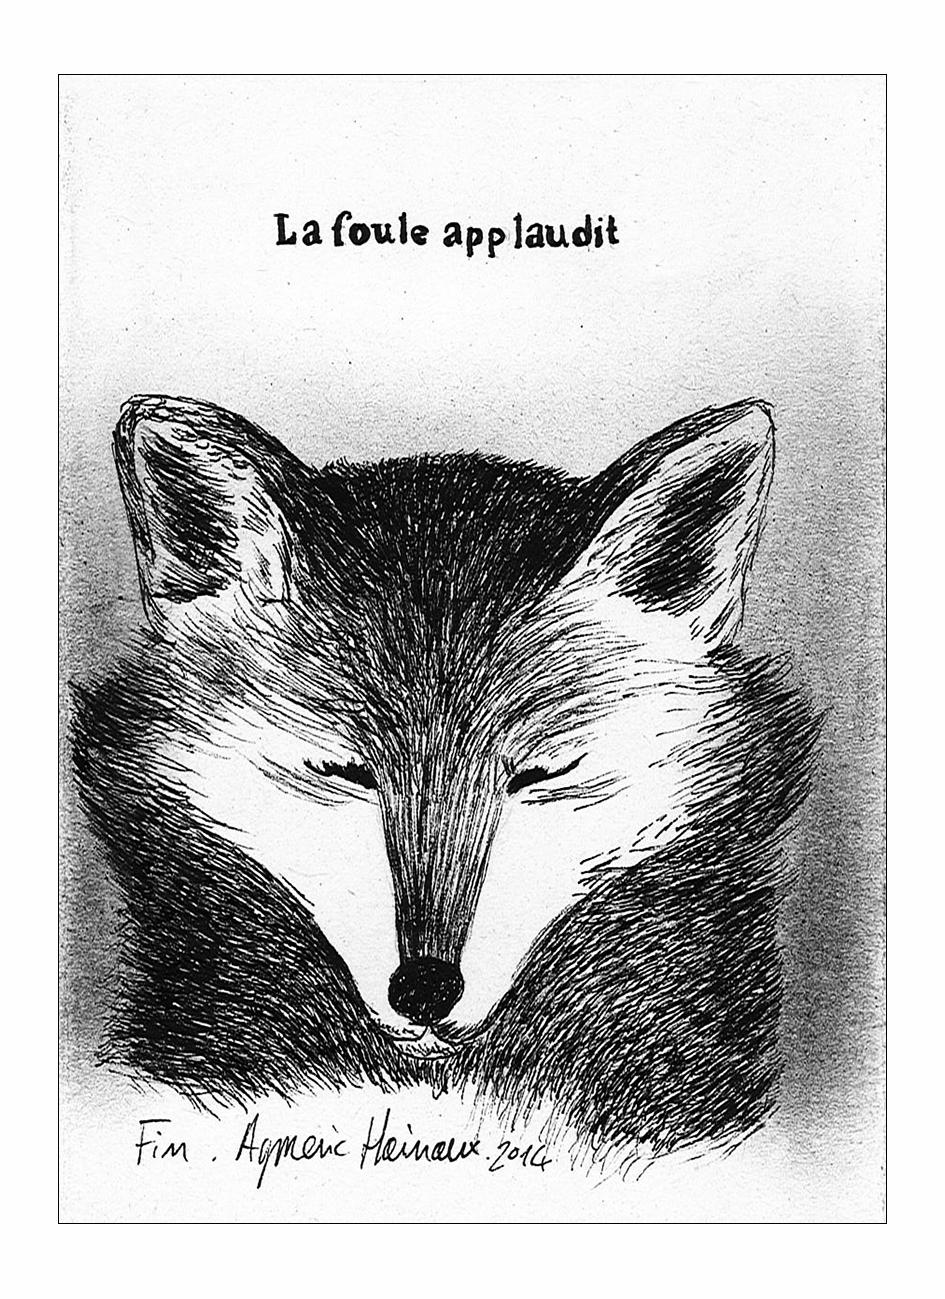 l'amour et le renard - aymeric hainaux - 2014 - 08